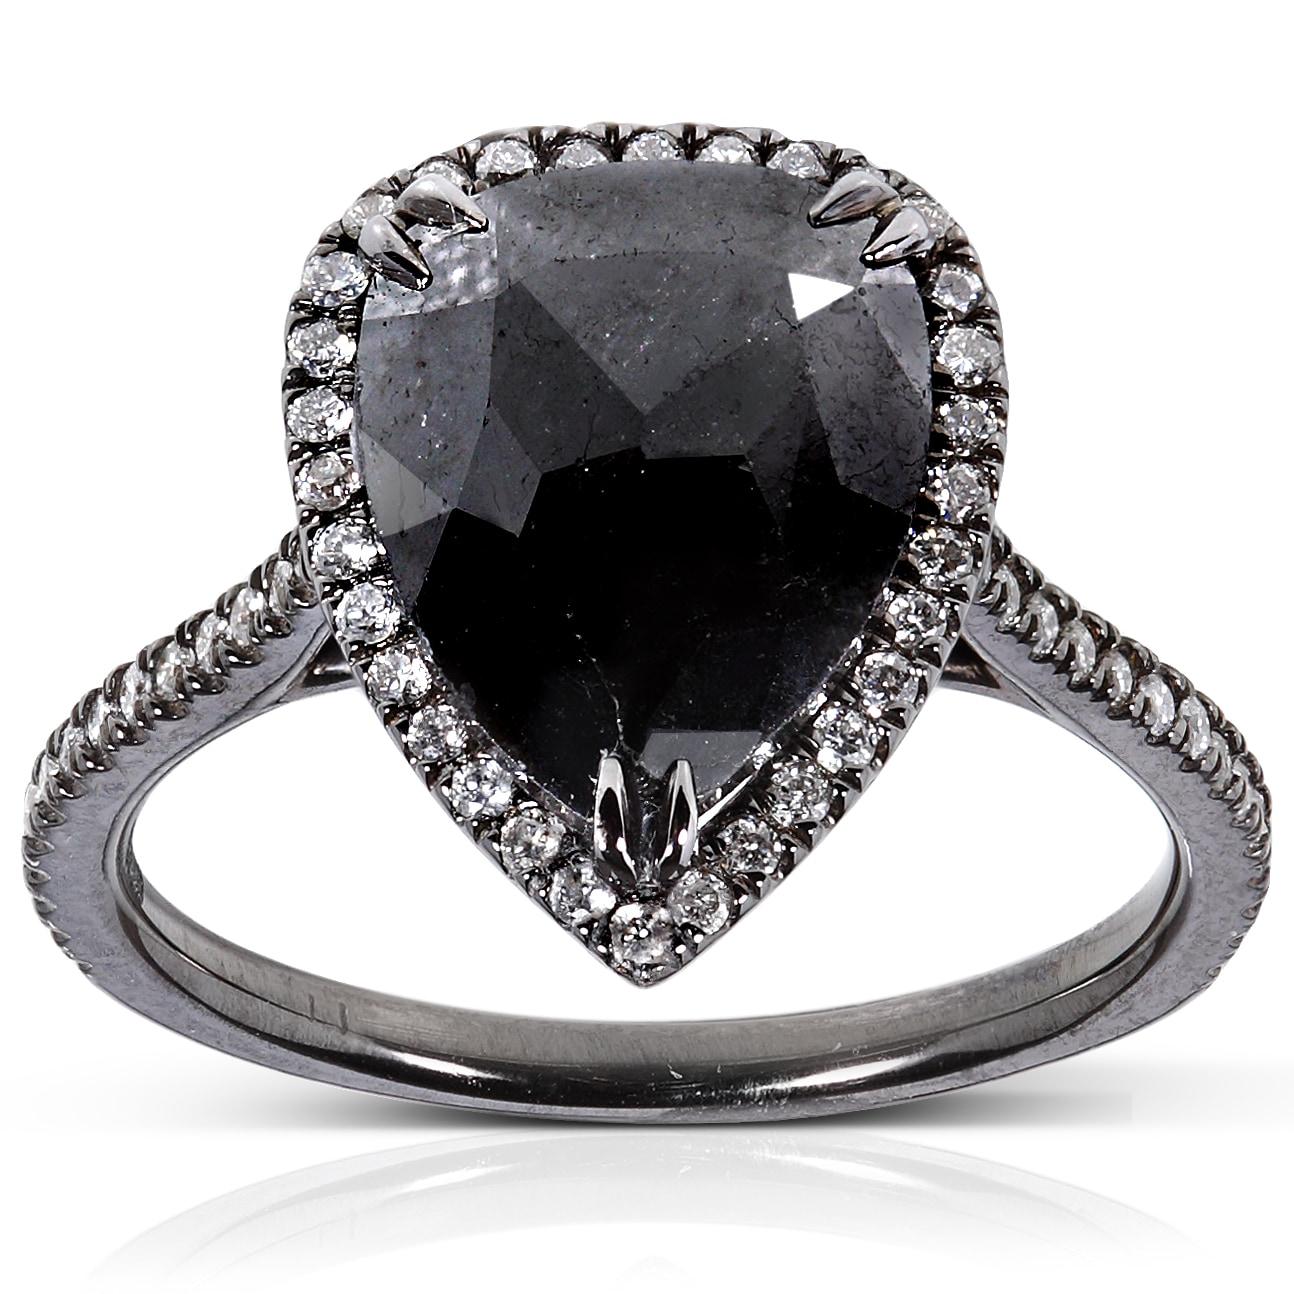 14k Gold 3 1/2ct TDW Certified Black and White Diamond Ring (J-K, I1-I2)